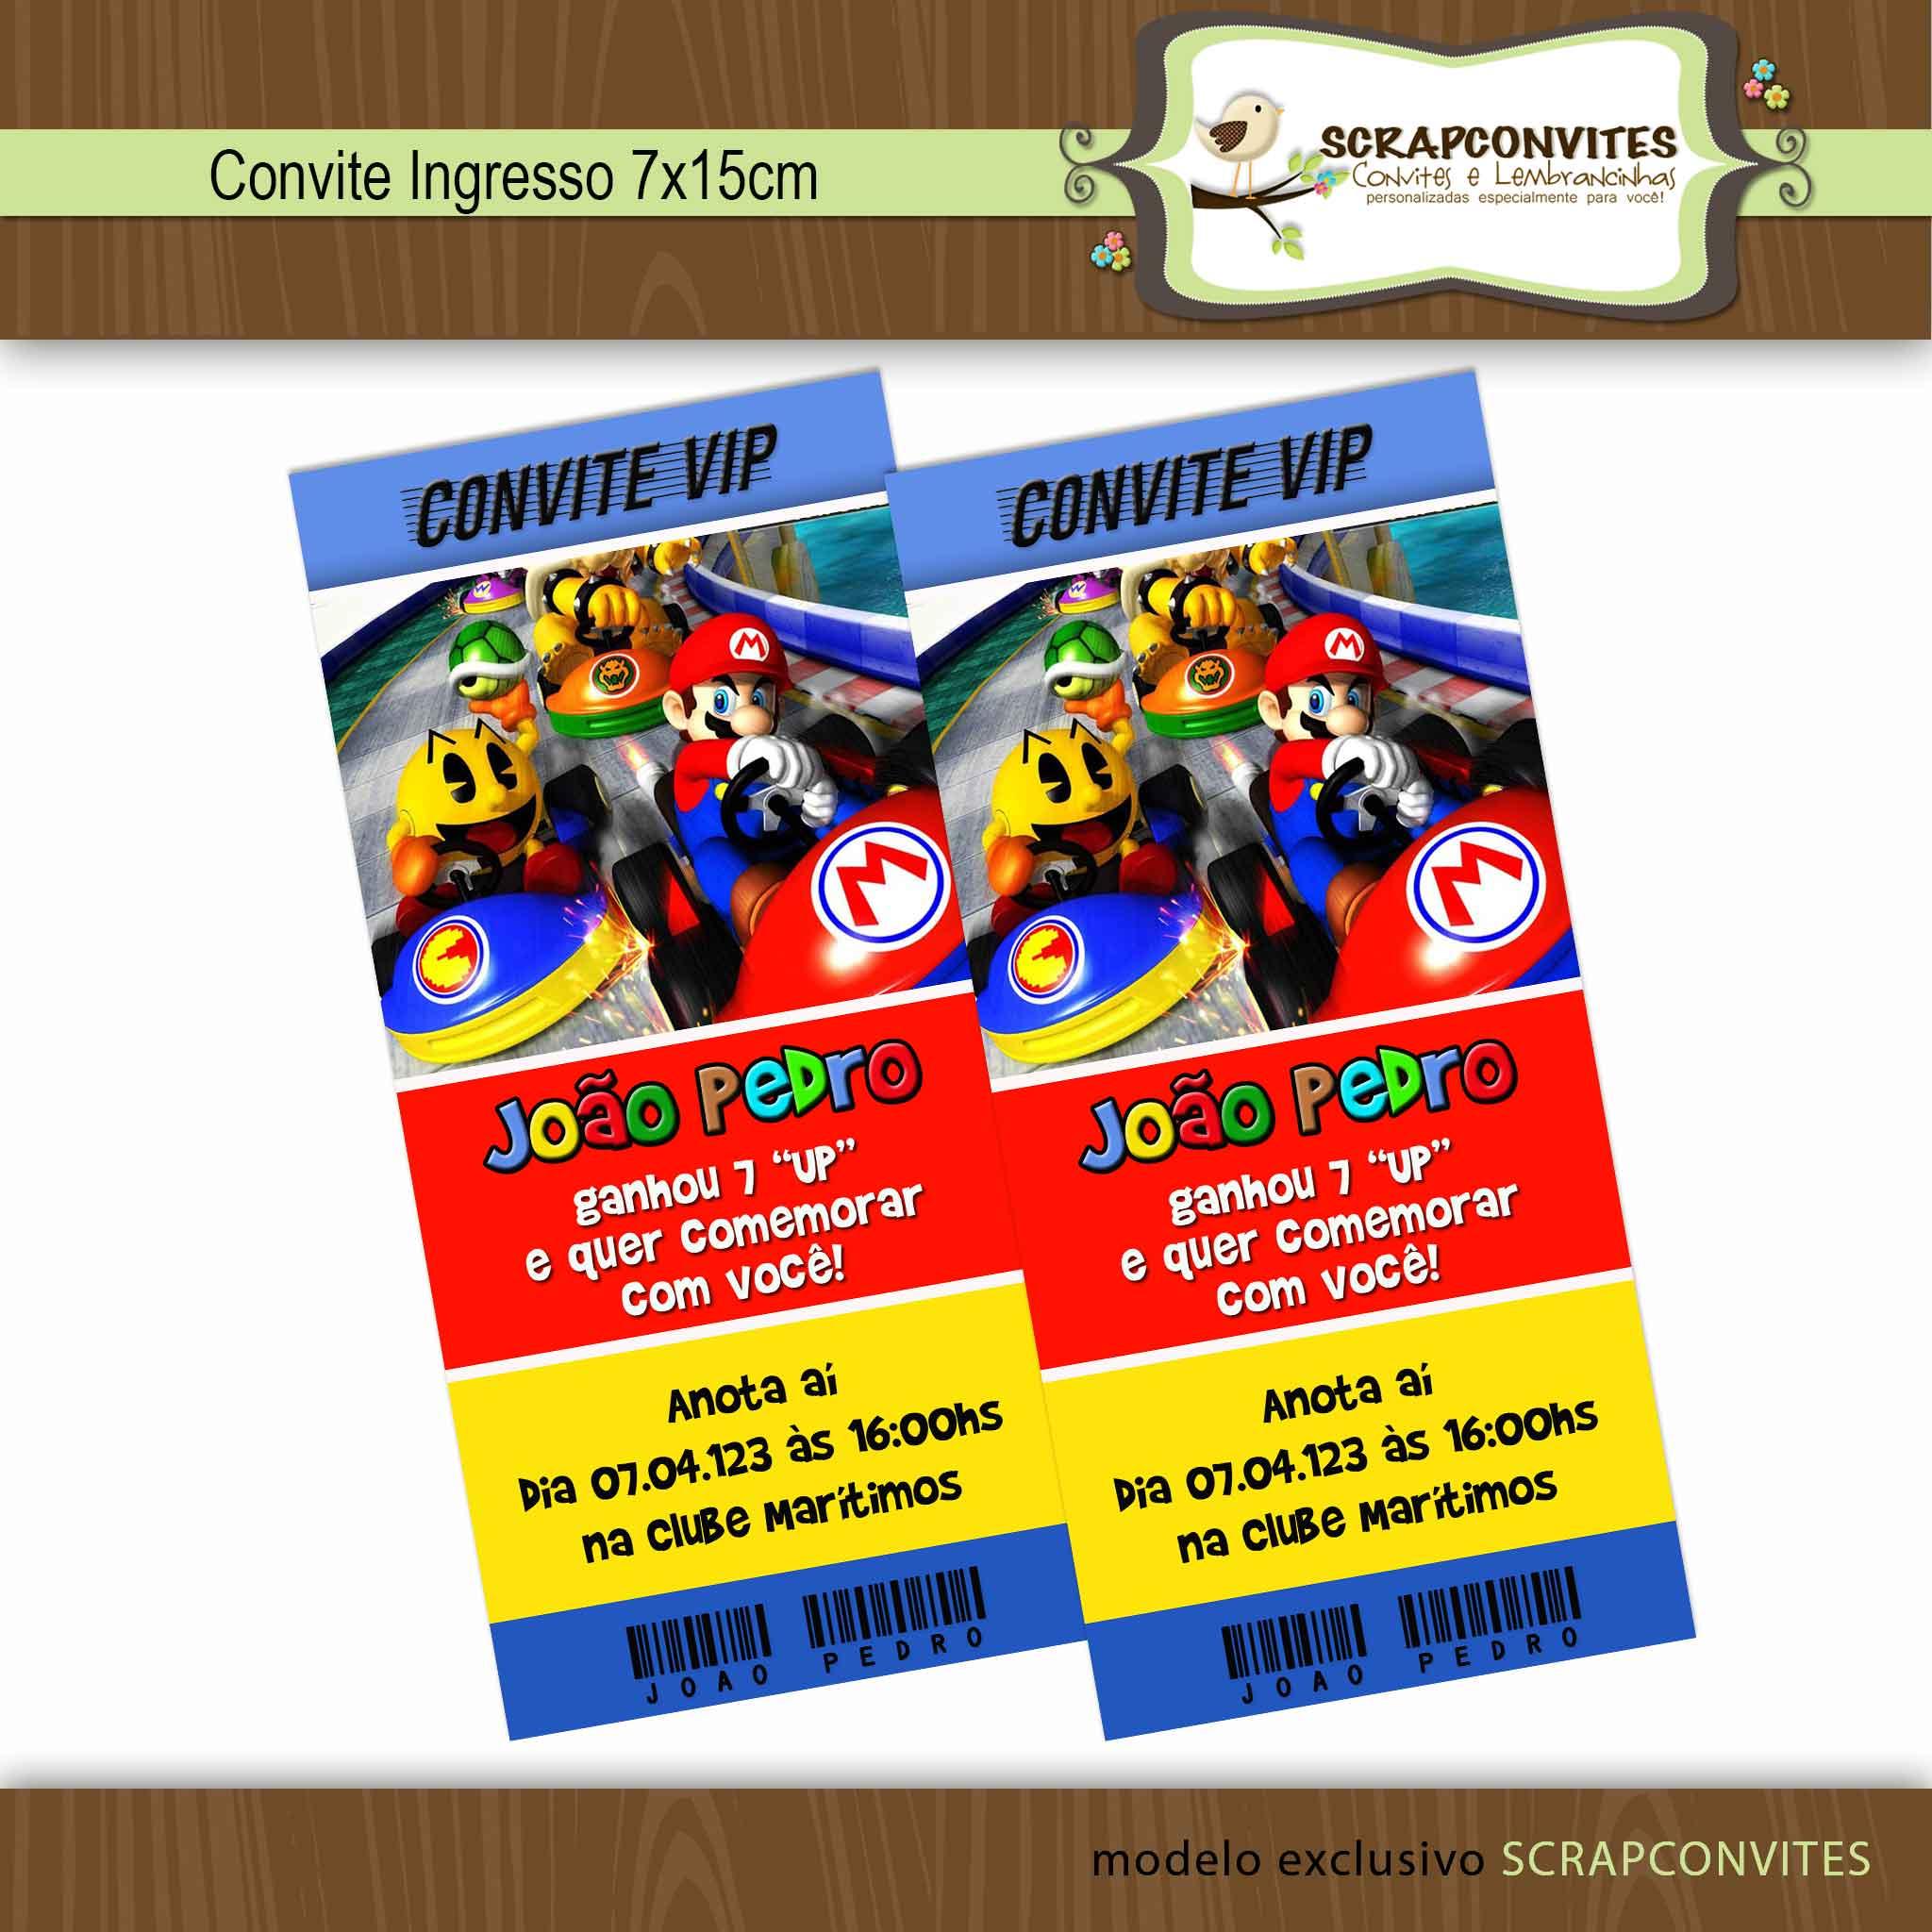 Convite Mário Bros No Elo7 Scrapconvites 2f34df